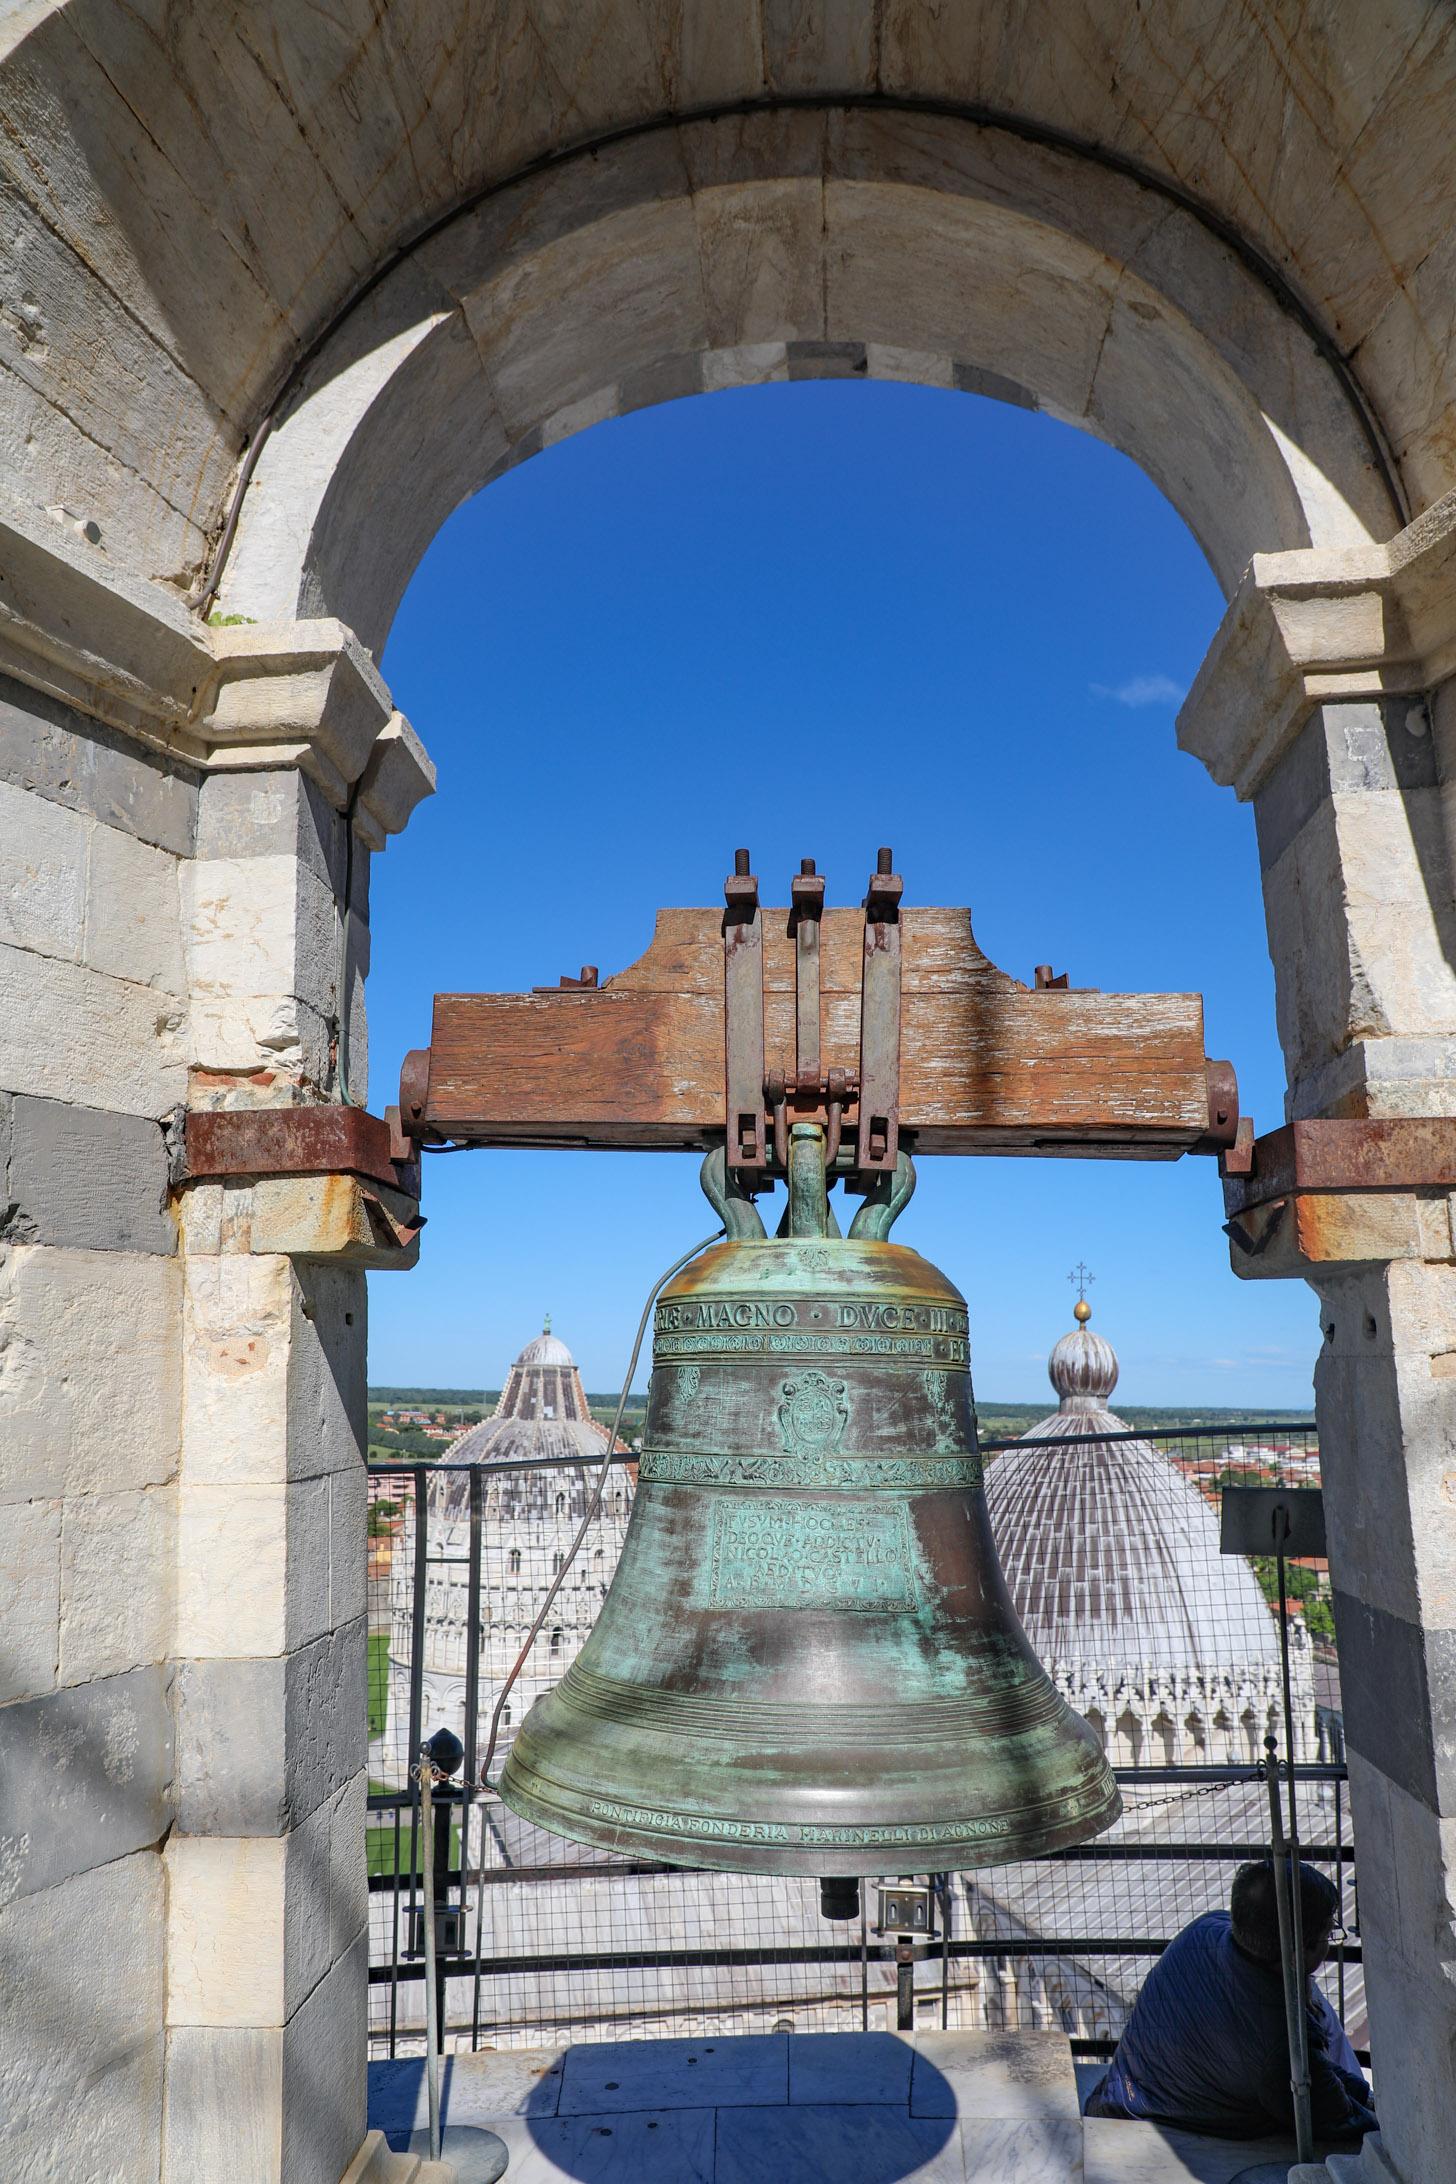 één van de klokken in de scheve toren van Pisa